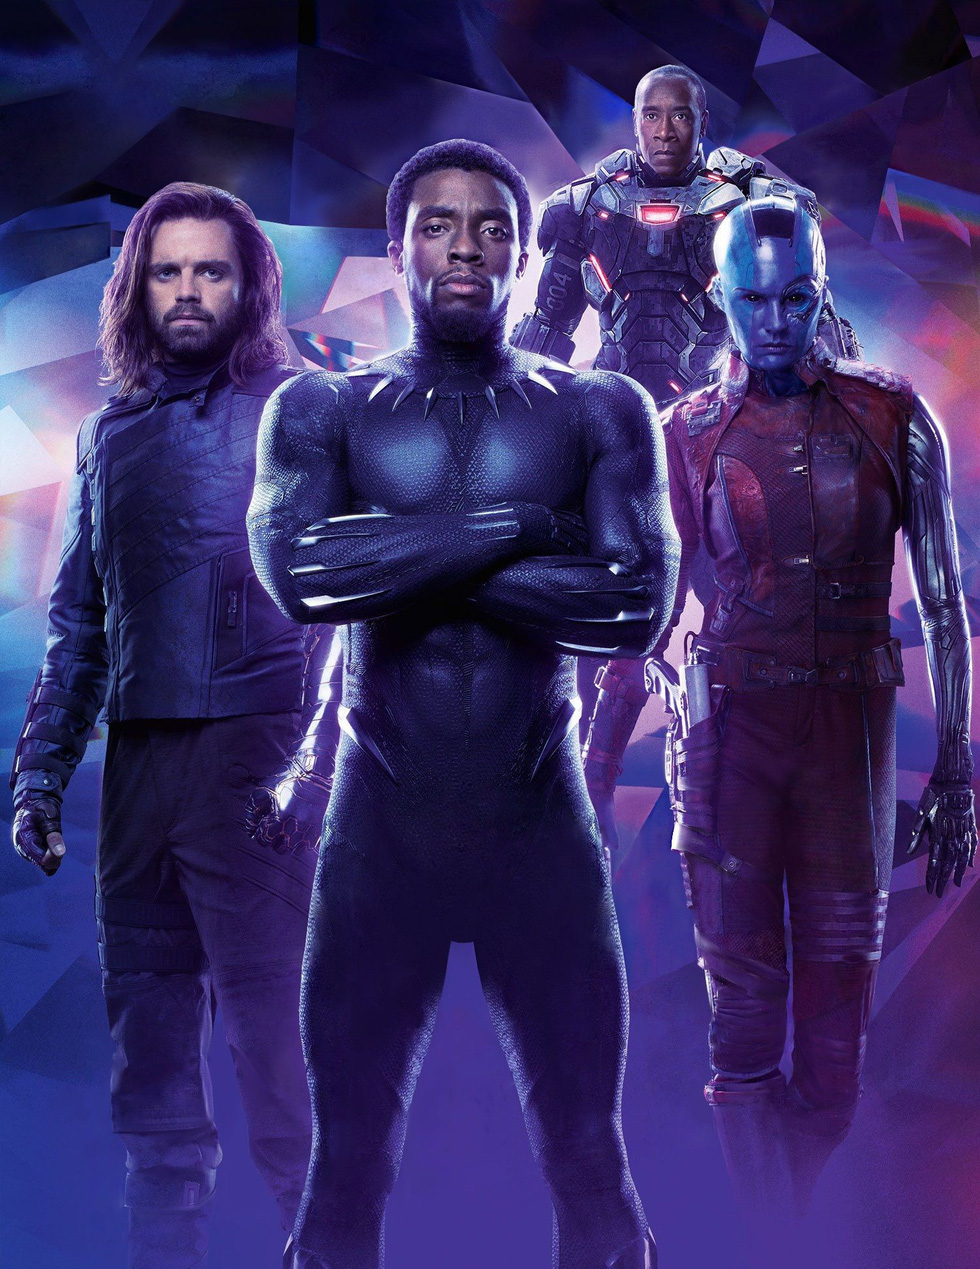 The Avengers: Endgame - Mãn nhãn mọi cung bậc điện ảnh! - Ảnh 4